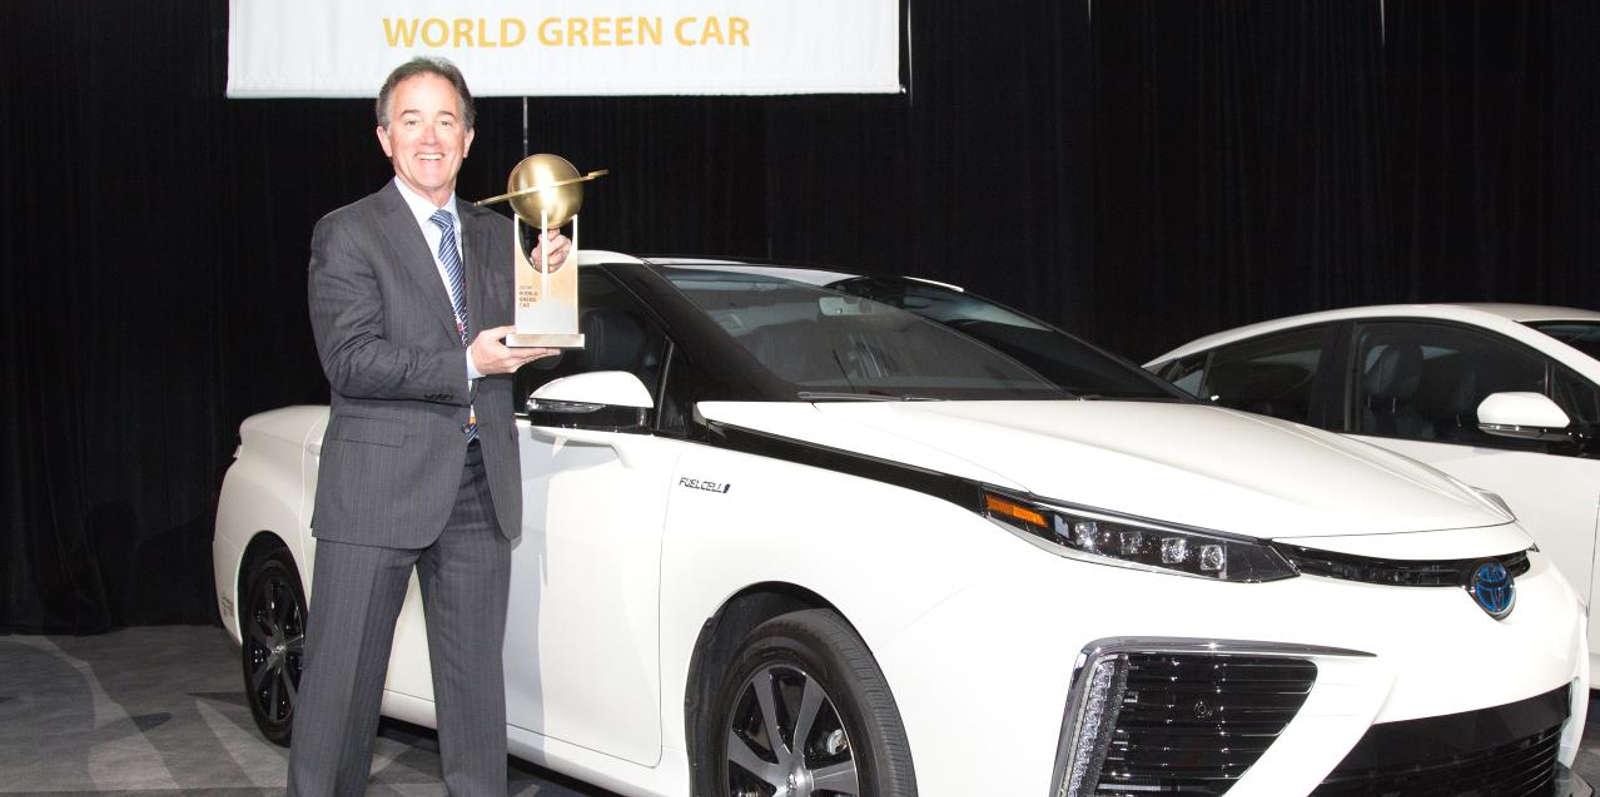 Karl Schlicht con el trofeo que acredita al Toyota Mirai como Coche Sostenible del Año (Foto: Toyota)